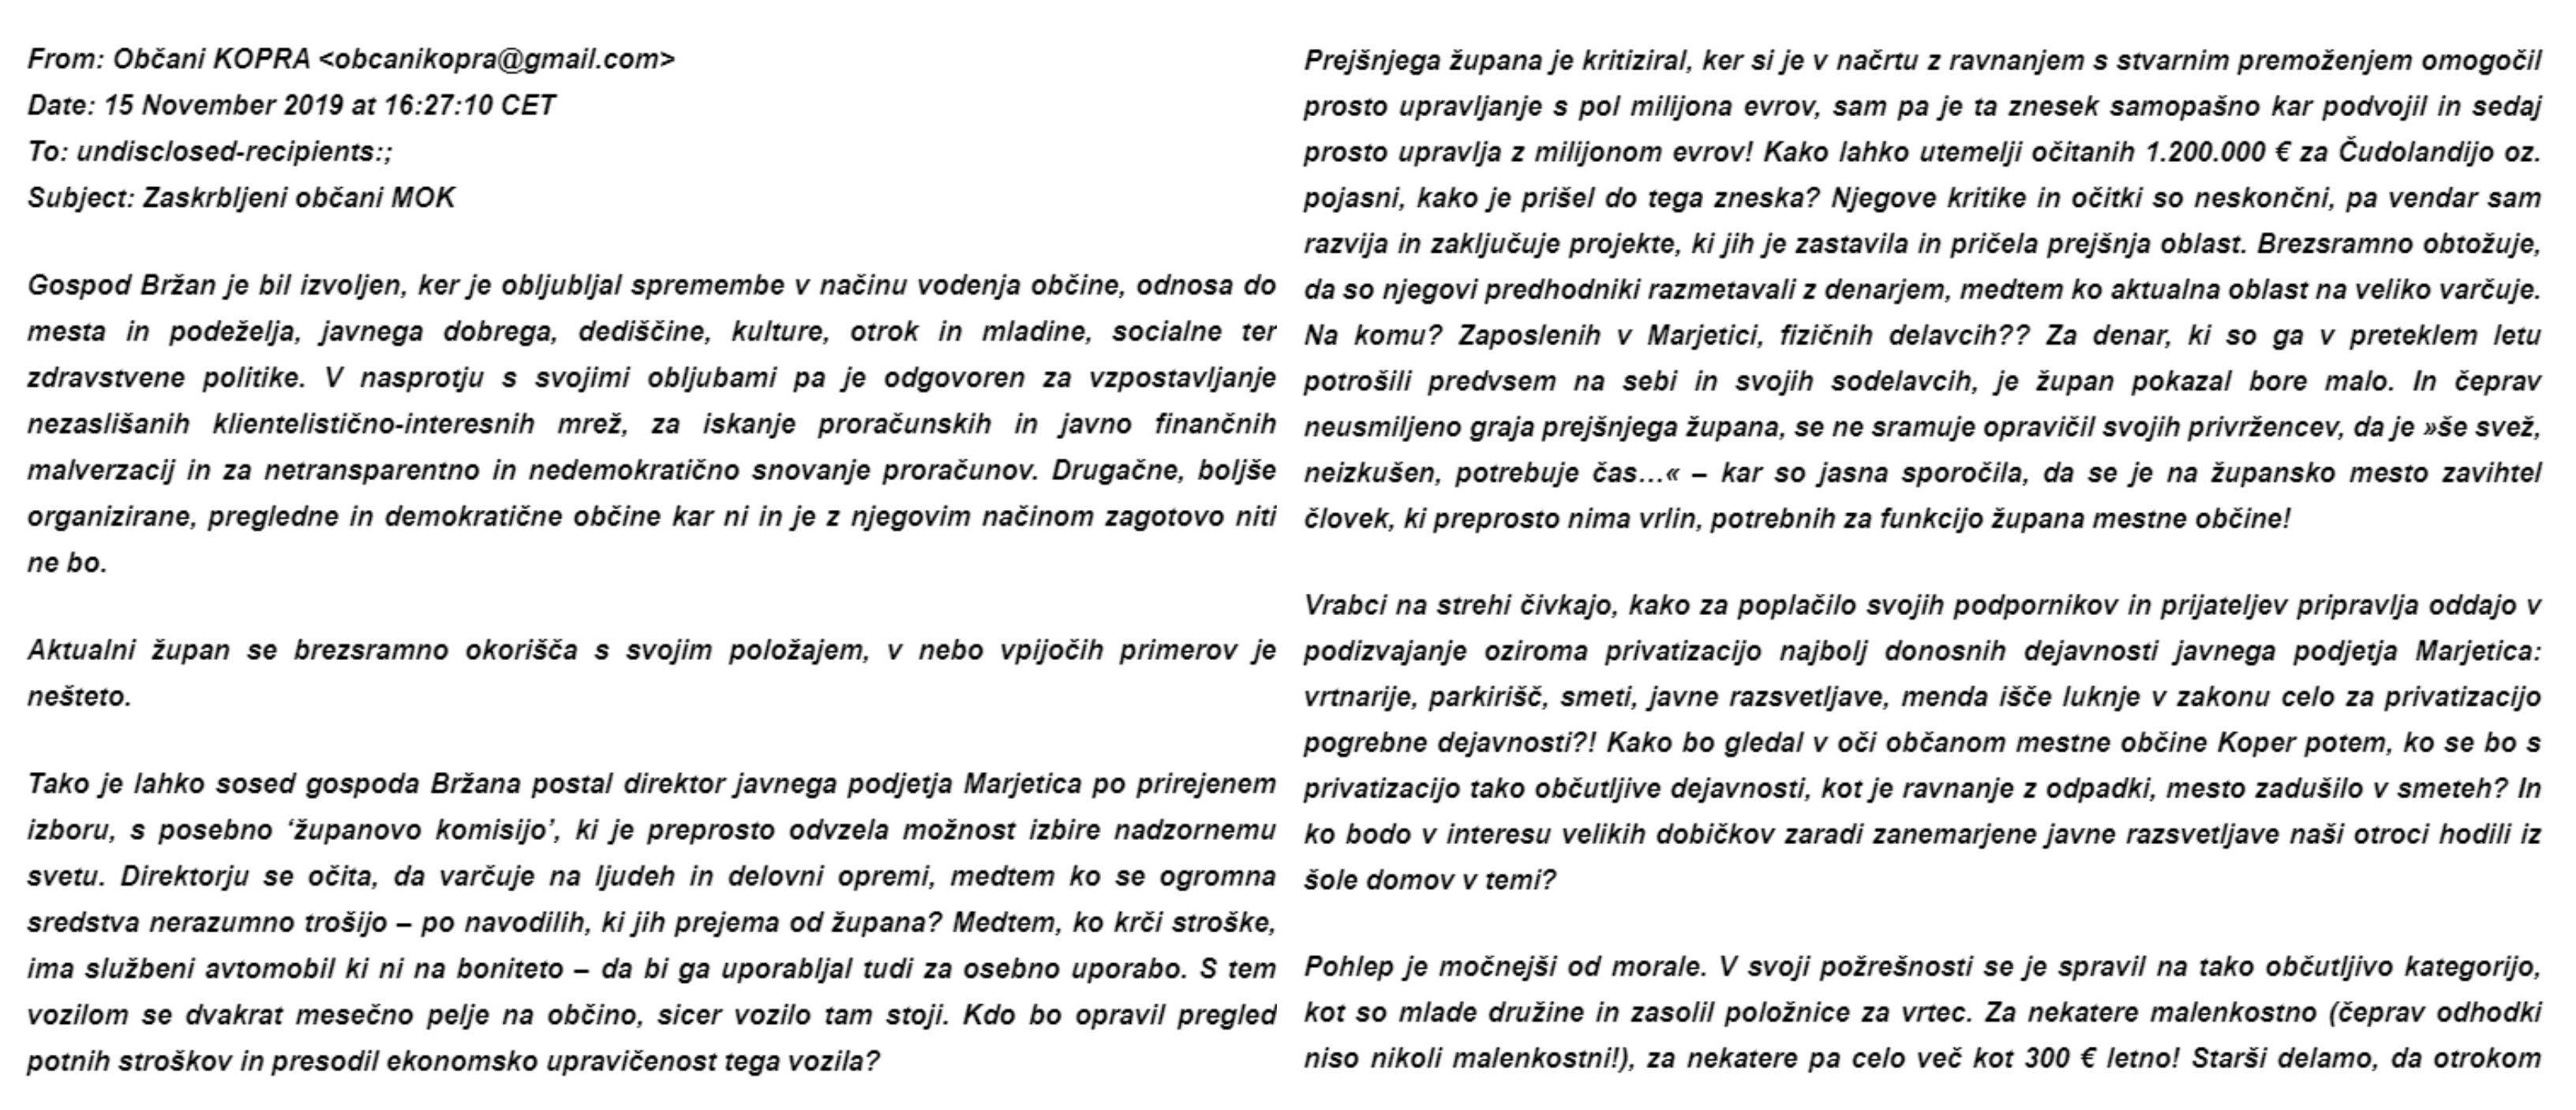 Prvi del anonimke (Foto: Občani KOPRA in zaposleni v Kopru in ostalih javnih podjetjih)